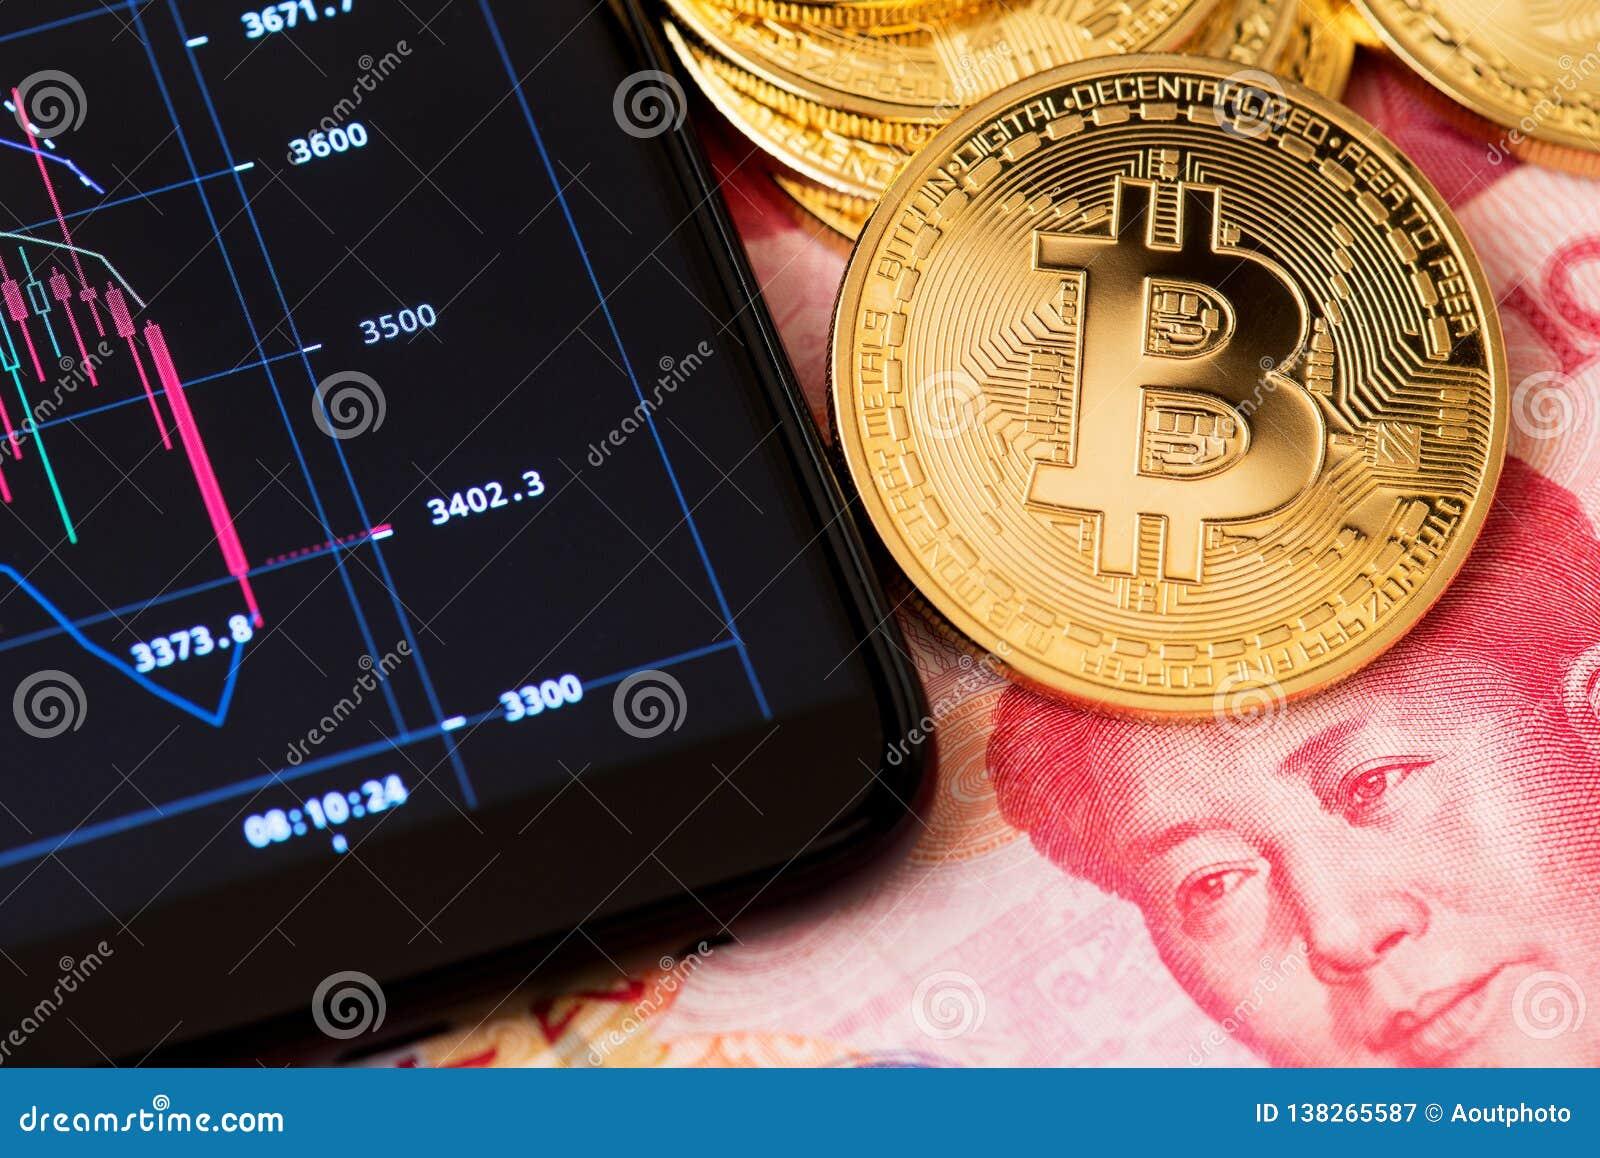 Concepto de Bitcoin Blockchain en línea que deposita y cierre de comercio encima de China del bitcoin del yuan de Renminbi